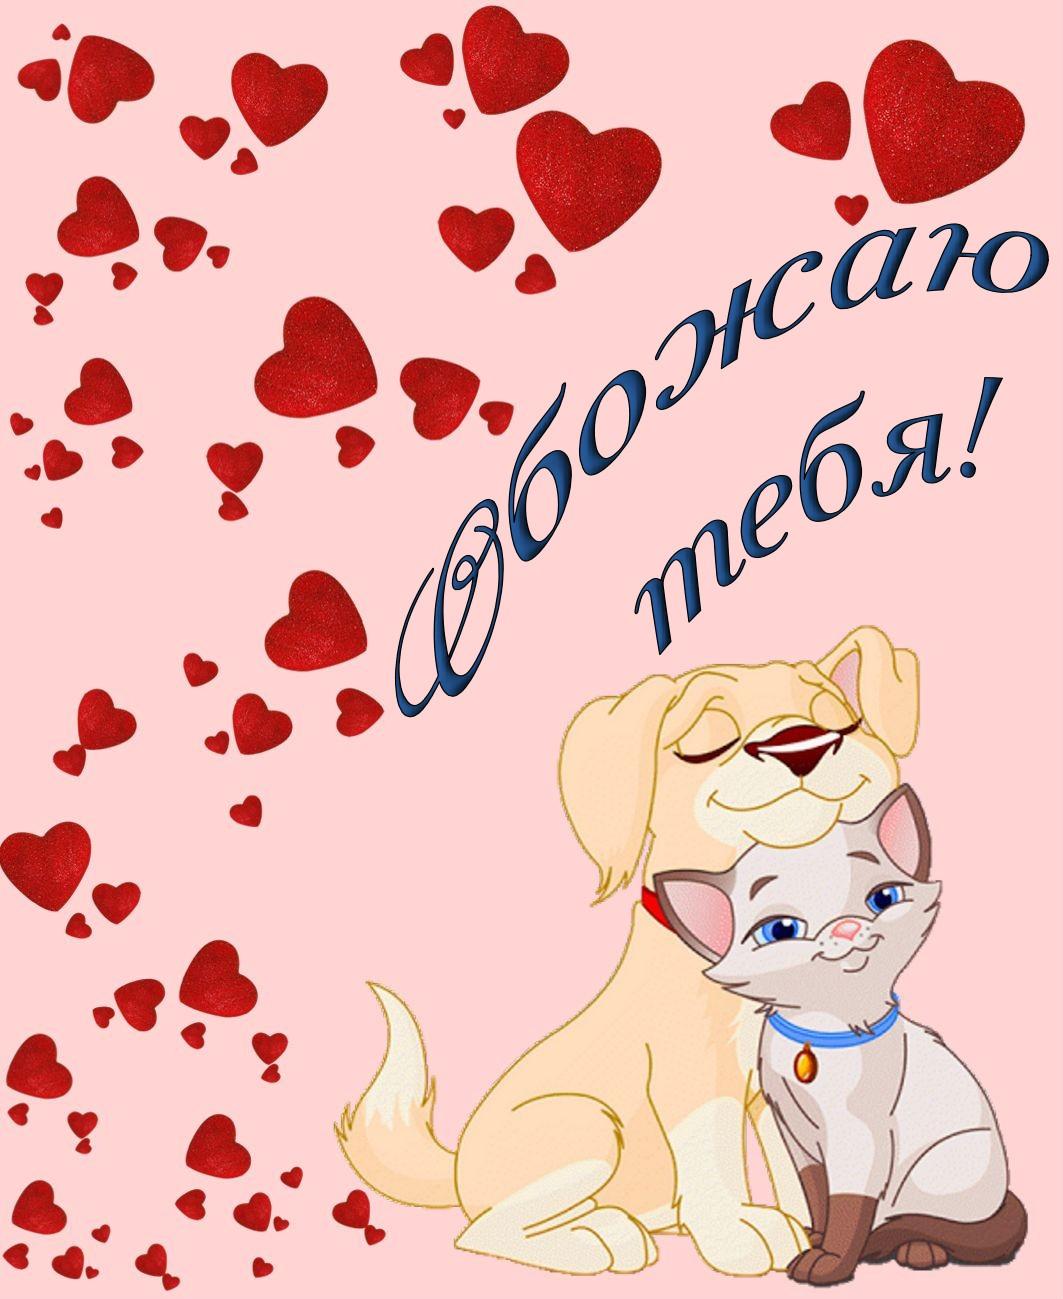 Открытка - влюбленные кошечка и собачка